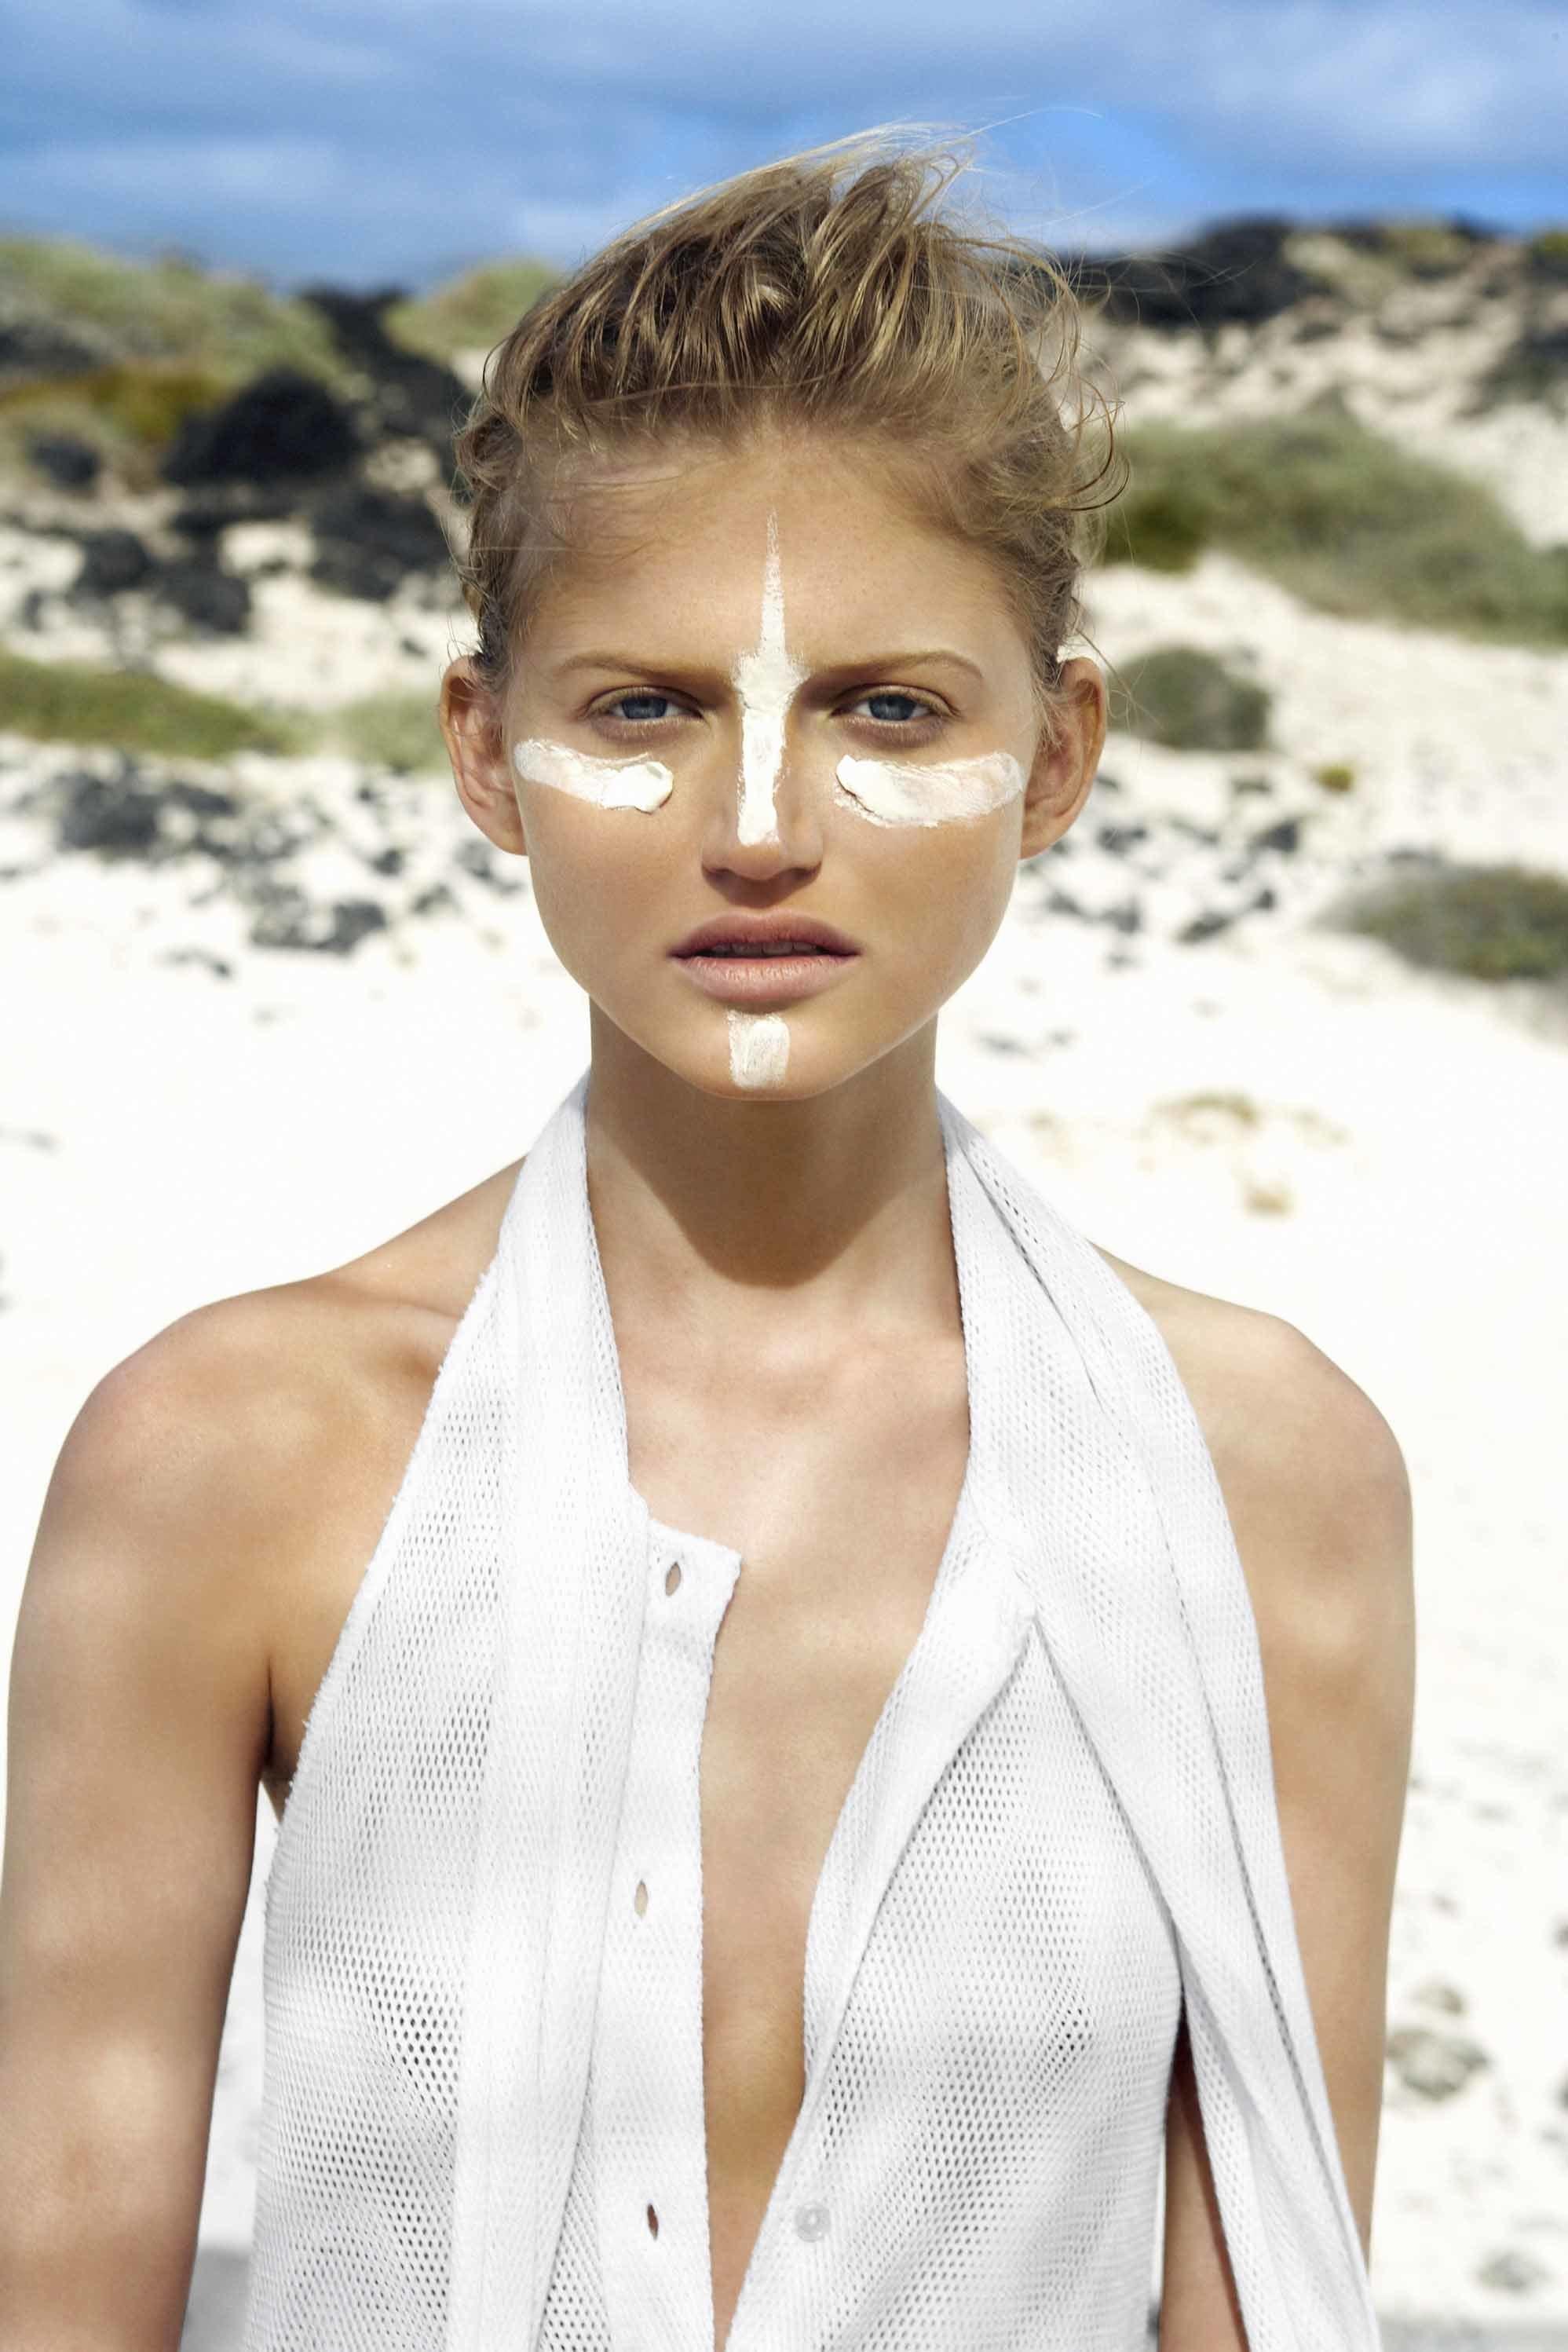 Cremas con protección solar para prevenir las manchas en la piel este verano